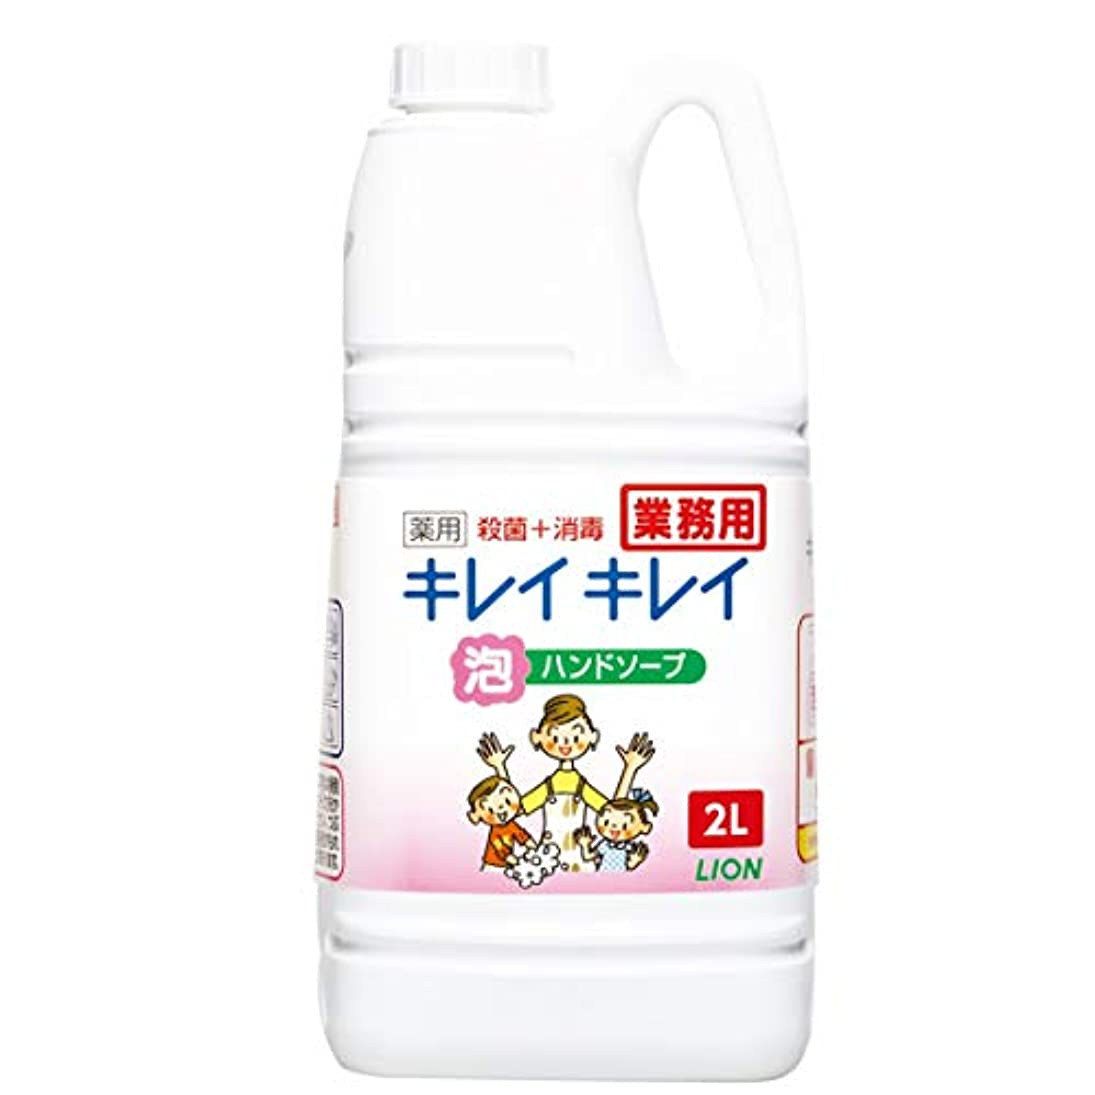 レガシー悪因子物理【業務用 大容量】キレイキレイ 薬用 泡ハンドソープ シトラスフルーティの香り 2L(医薬部外品)